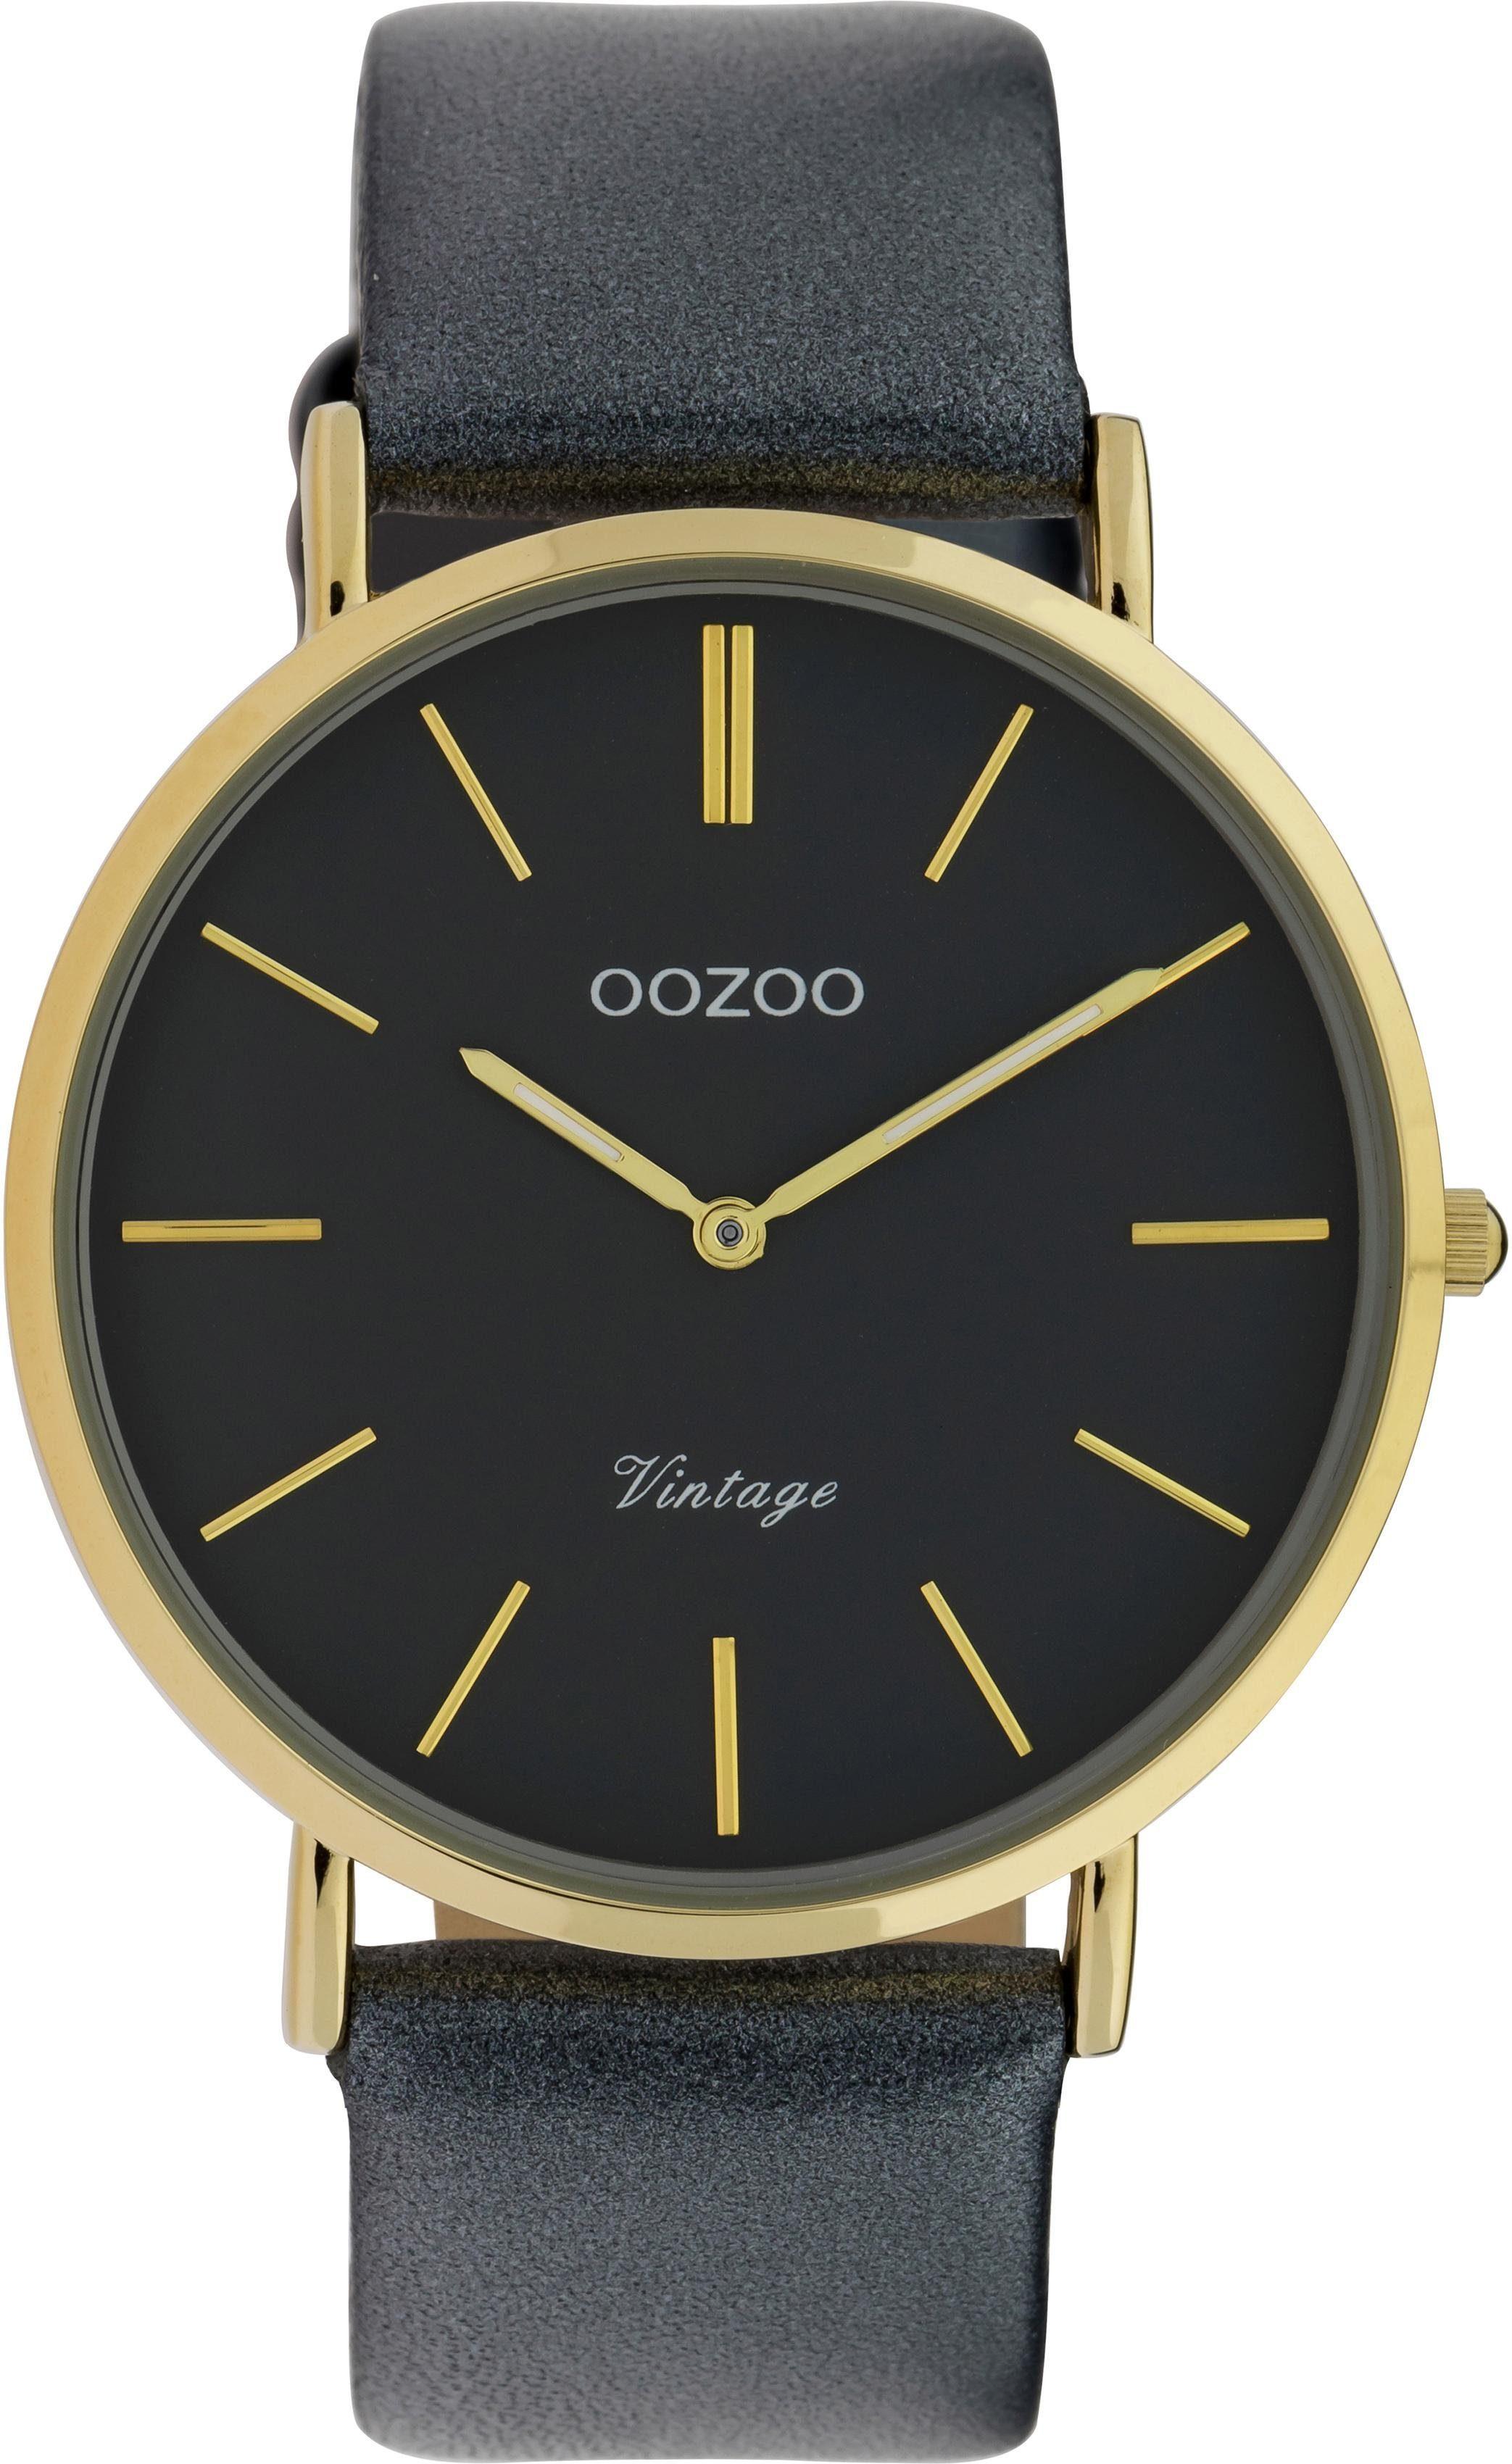 Quarzuhr »c9964« Quarzuhr Online Online Oozoo Quarzuhr KaufenOtto KaufenOtto »c9964« Oozoo »c9964« Oozoo 5R4ALj